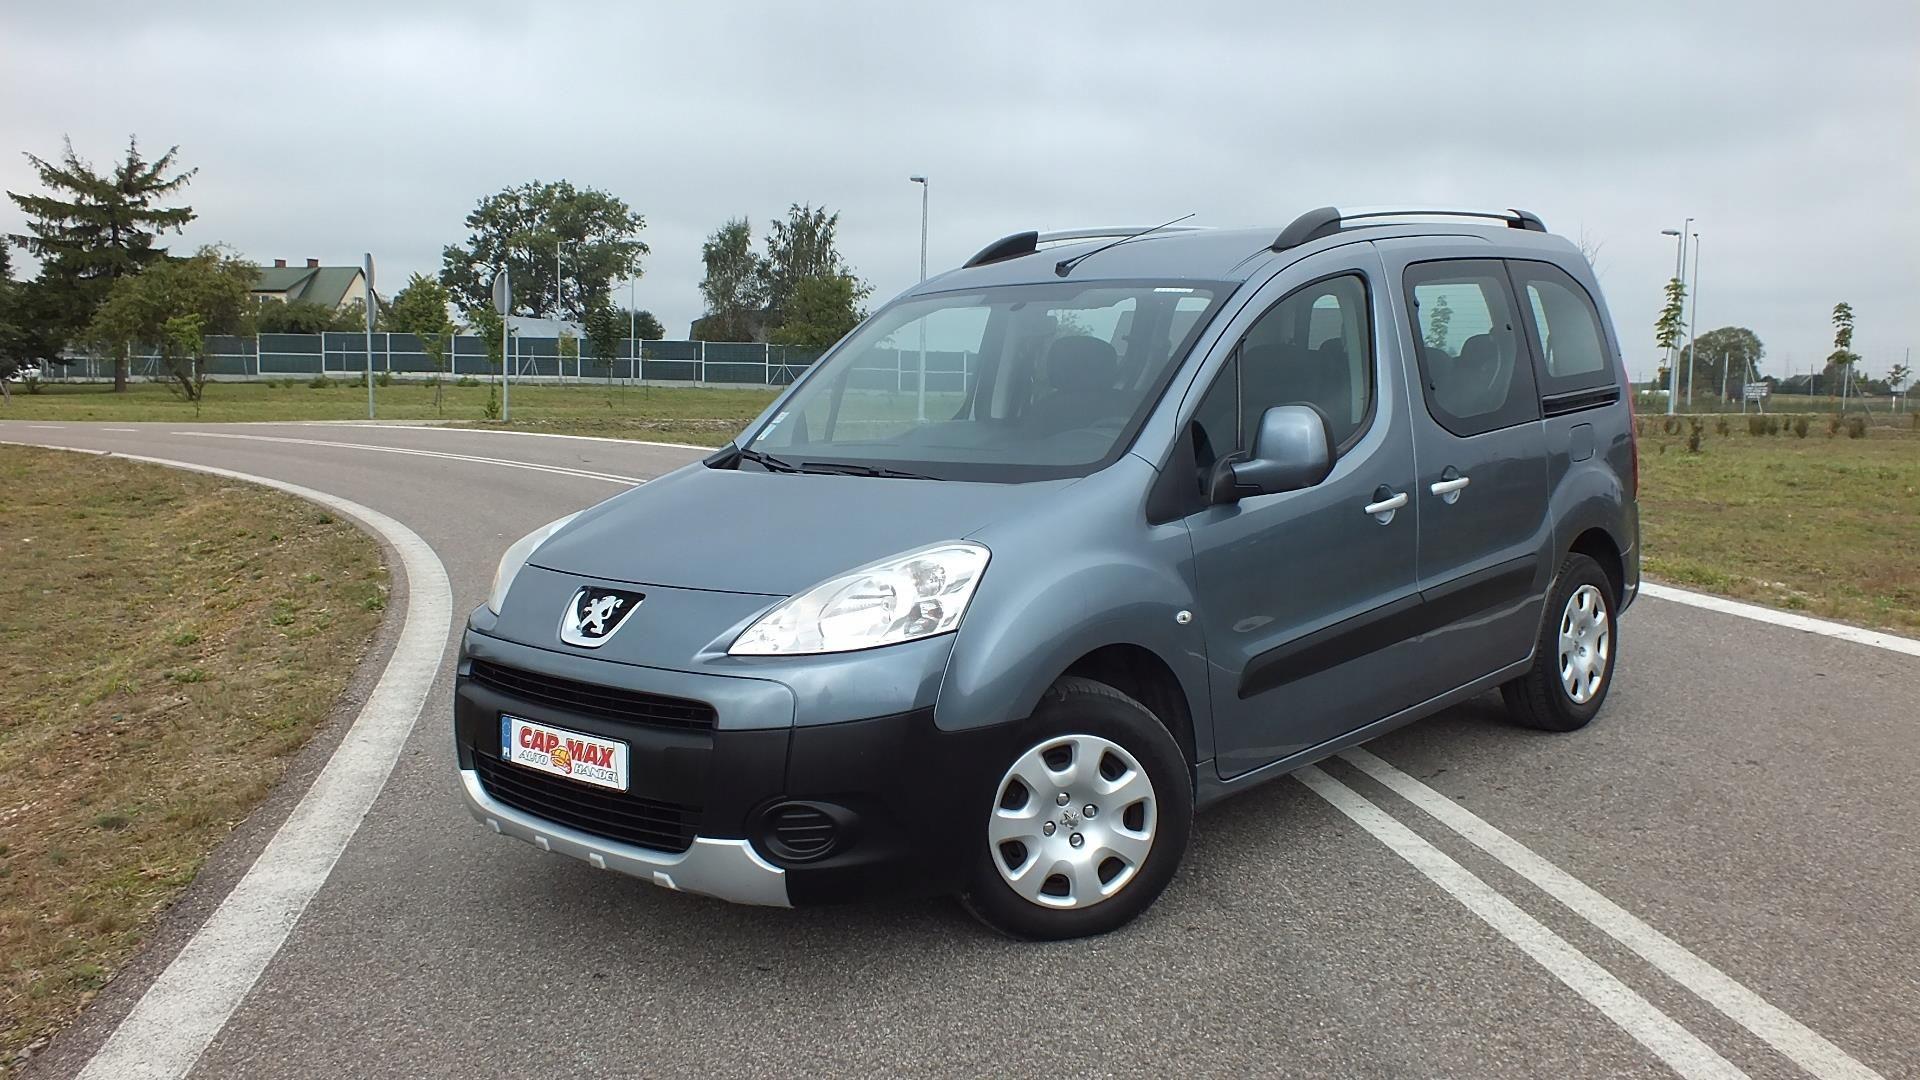 Piekny Peugeot Partner Tepee 1 6 E Hdi 7 Osobowy Opinie I Ceny Na Ceneo Pl